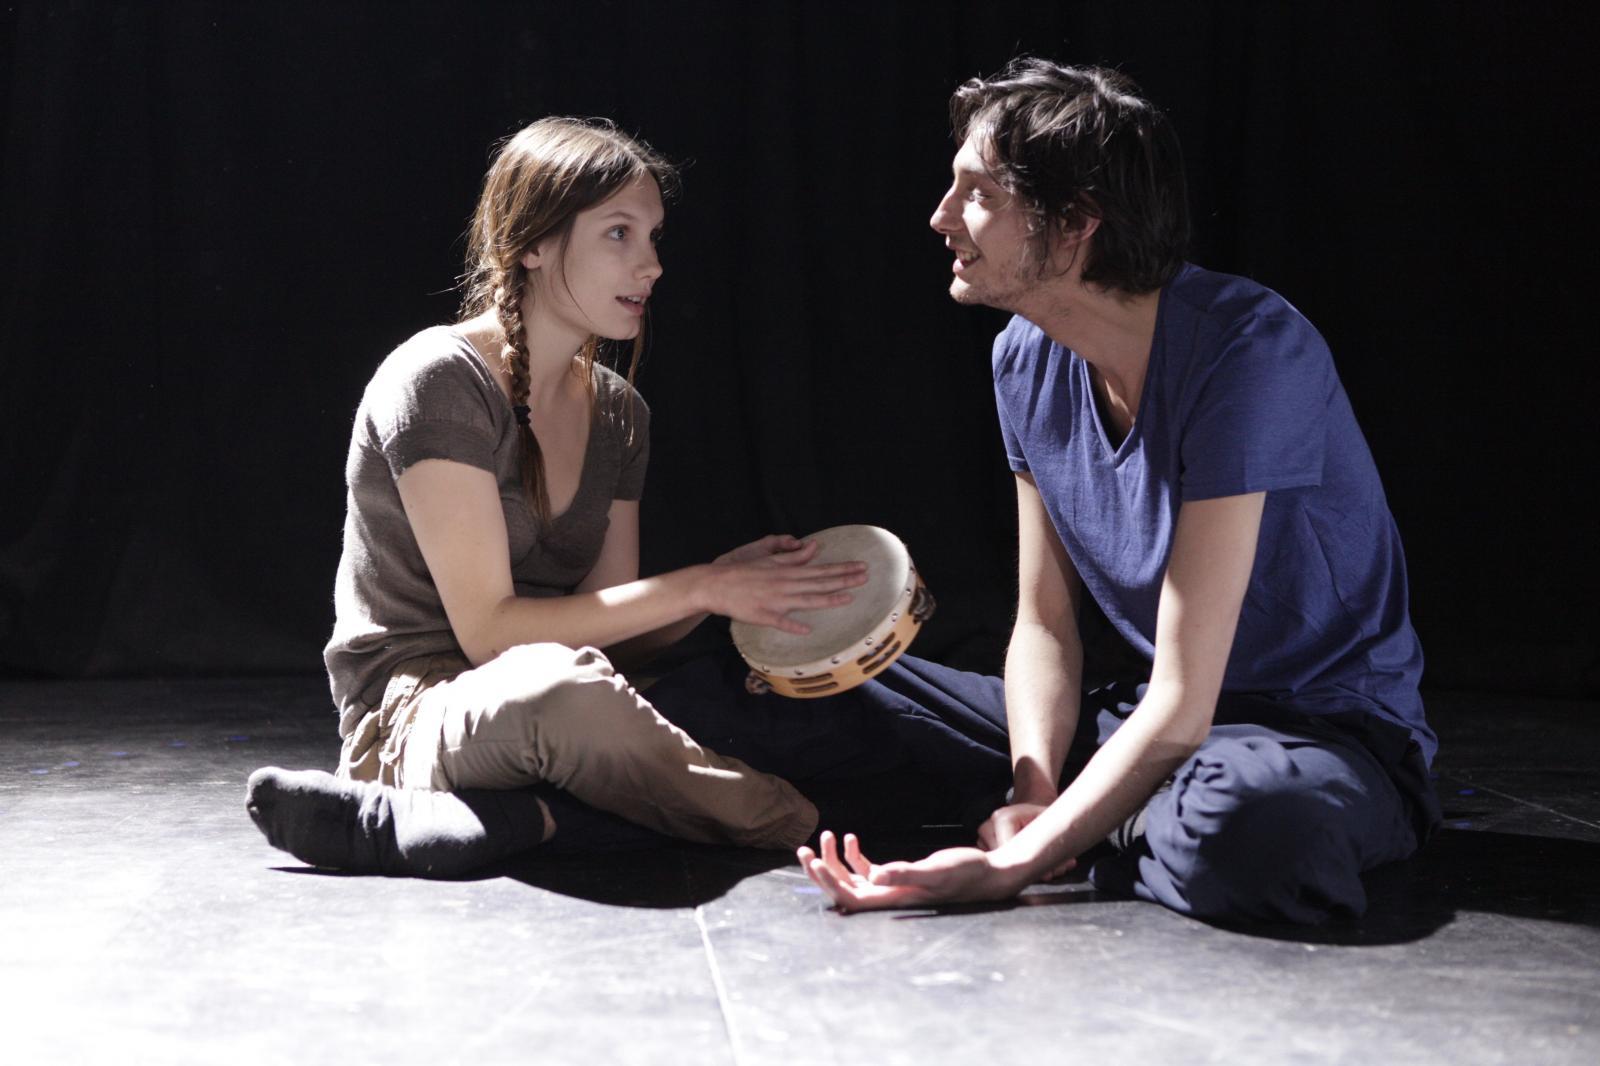 Court métrage Les chancelants de Lermite Nadine (2012)